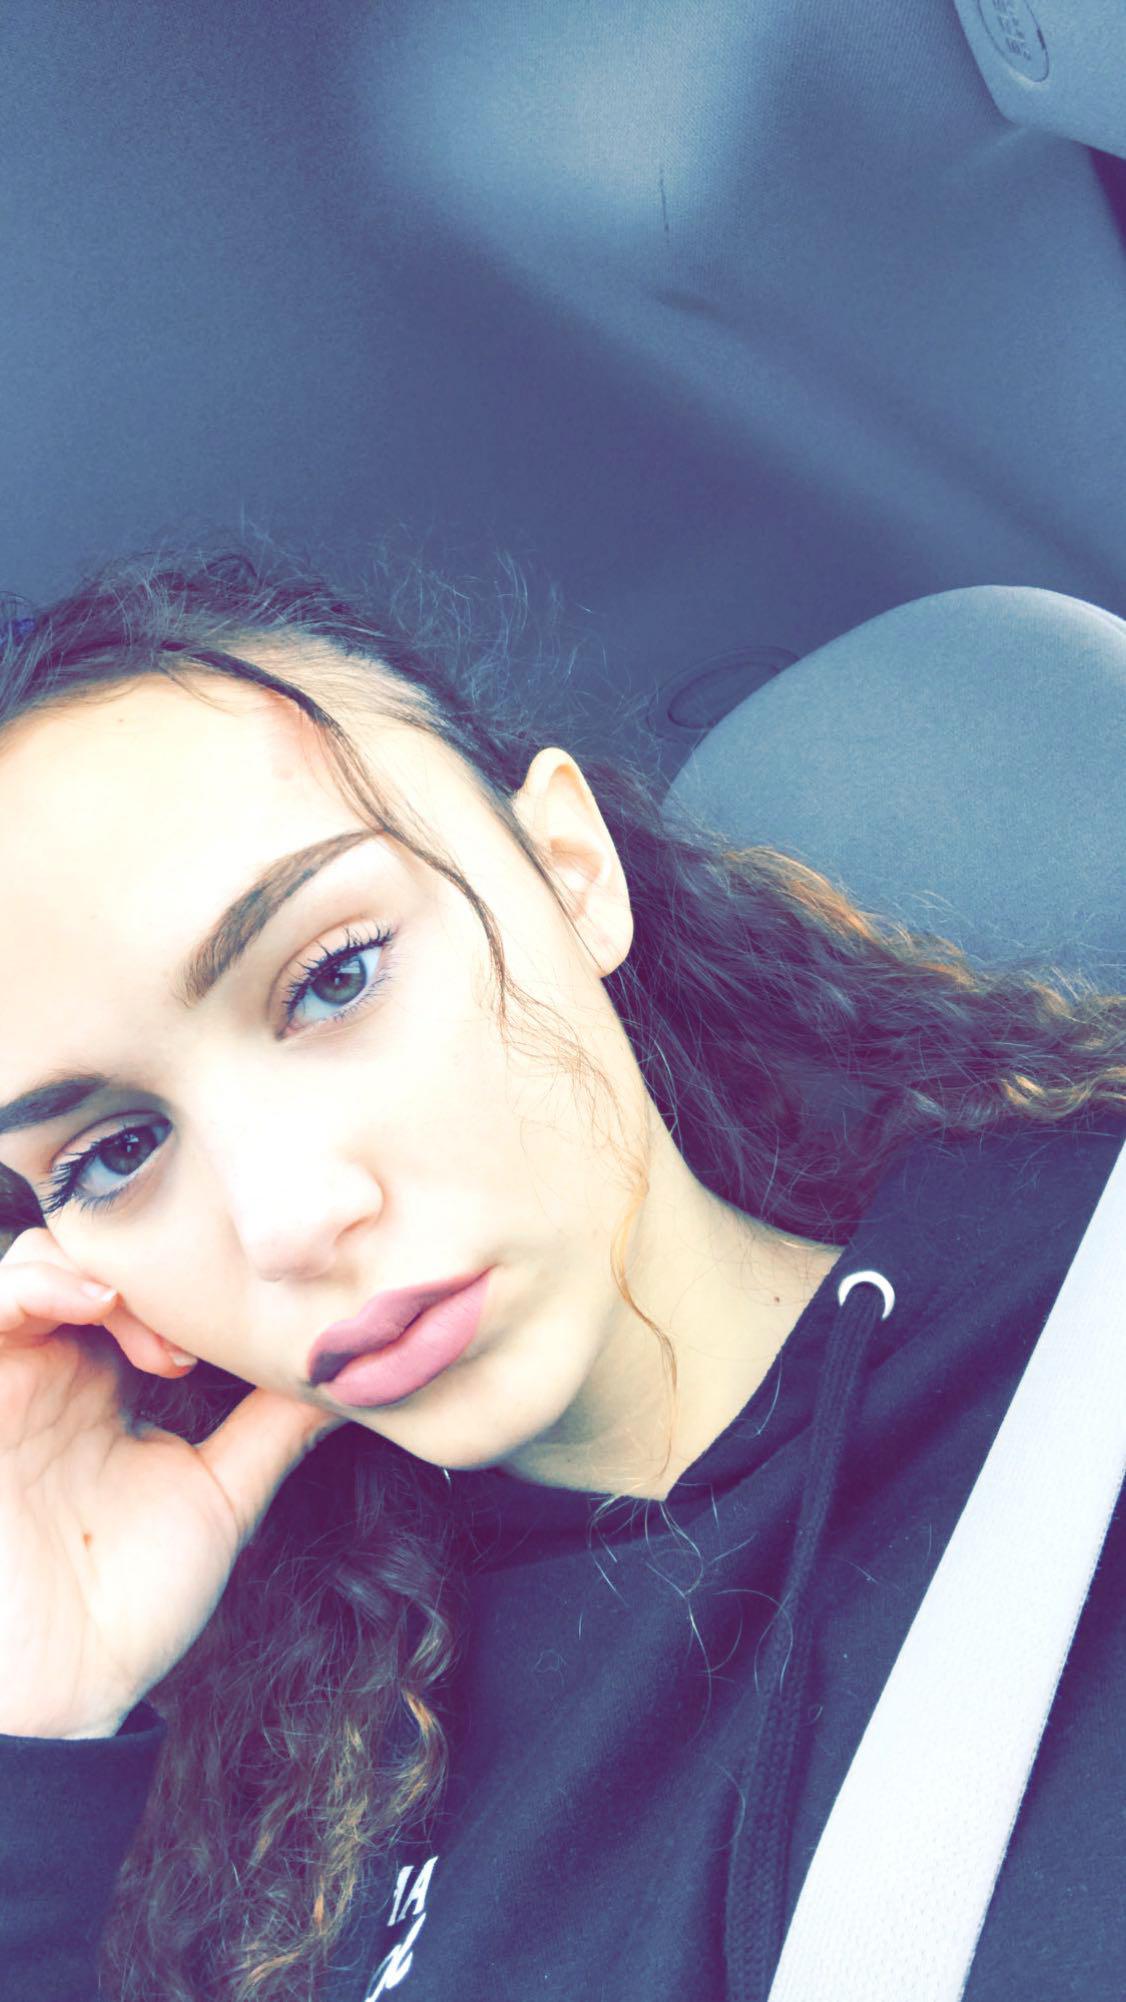 annika zitto's profile image